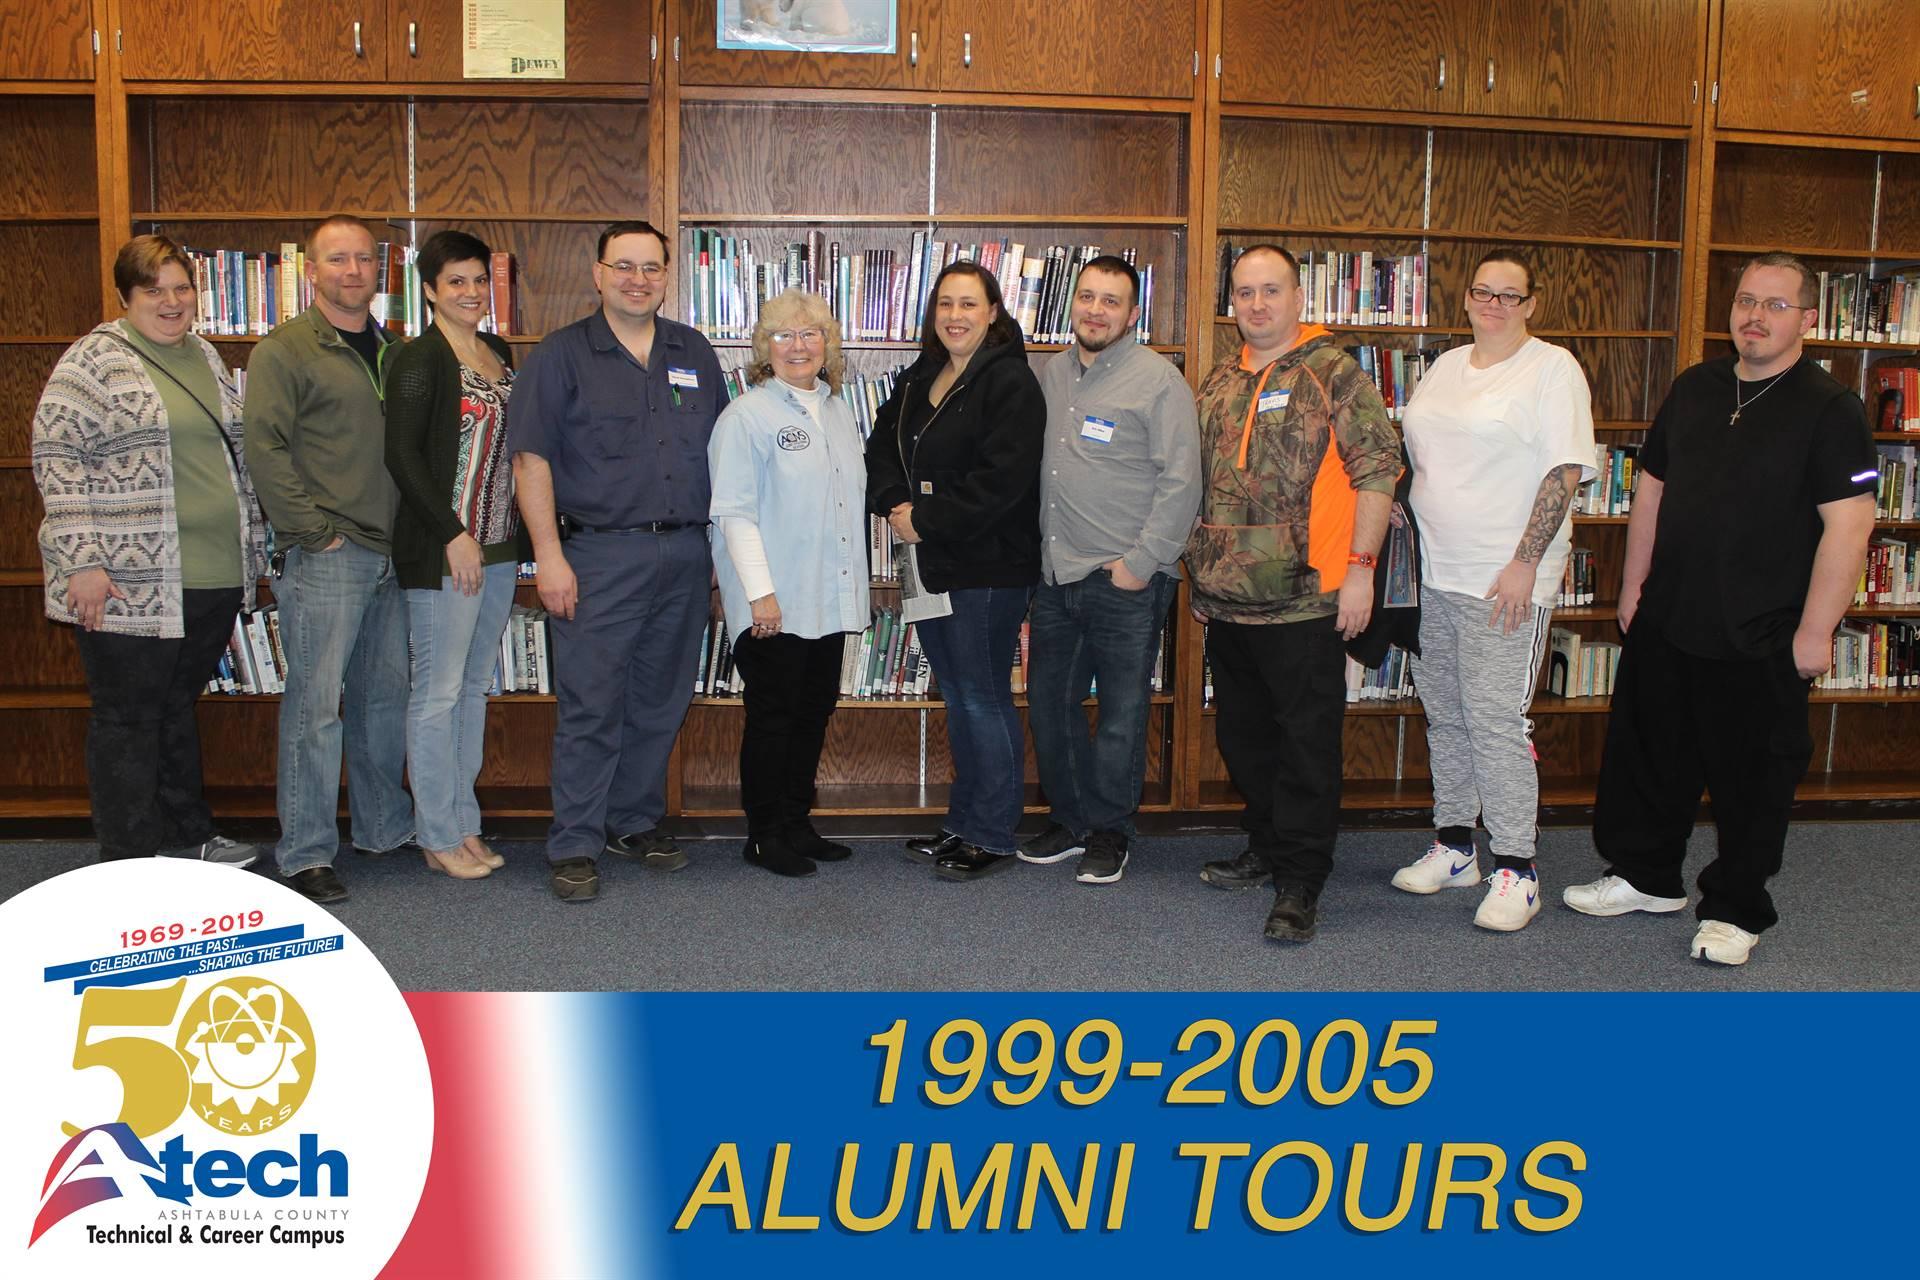 1999 - 2005 Alumni Photo